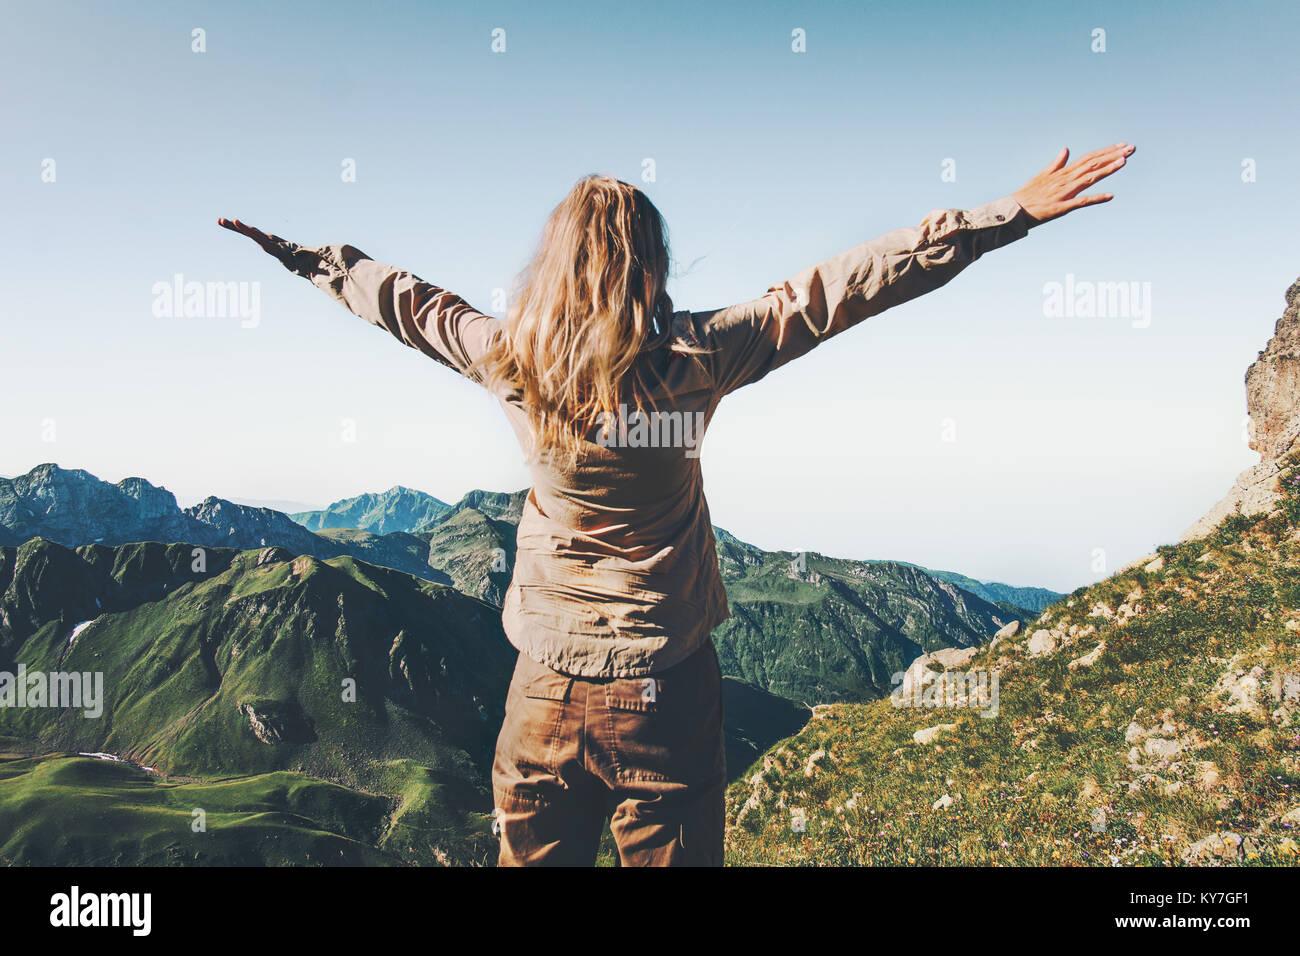 Glückliche Frau traveler über Berge erhobenen Händen Reisen Lifestyle Erfolg und Abenteuer Konzept Stockbild